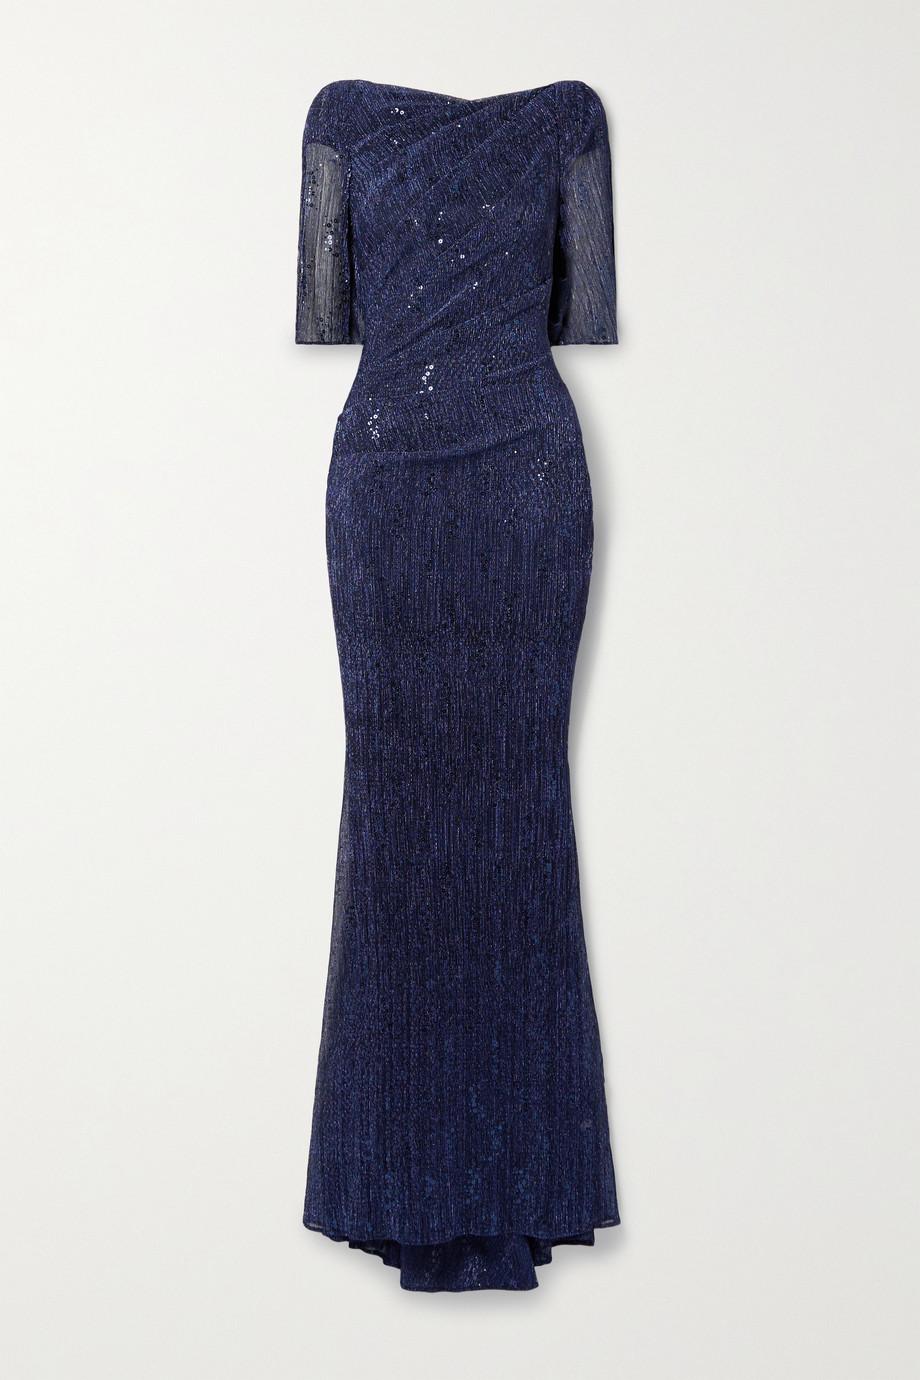 Talbot Runhof Robe aus Metallic-Voile mit Drapierungen und Pailletten